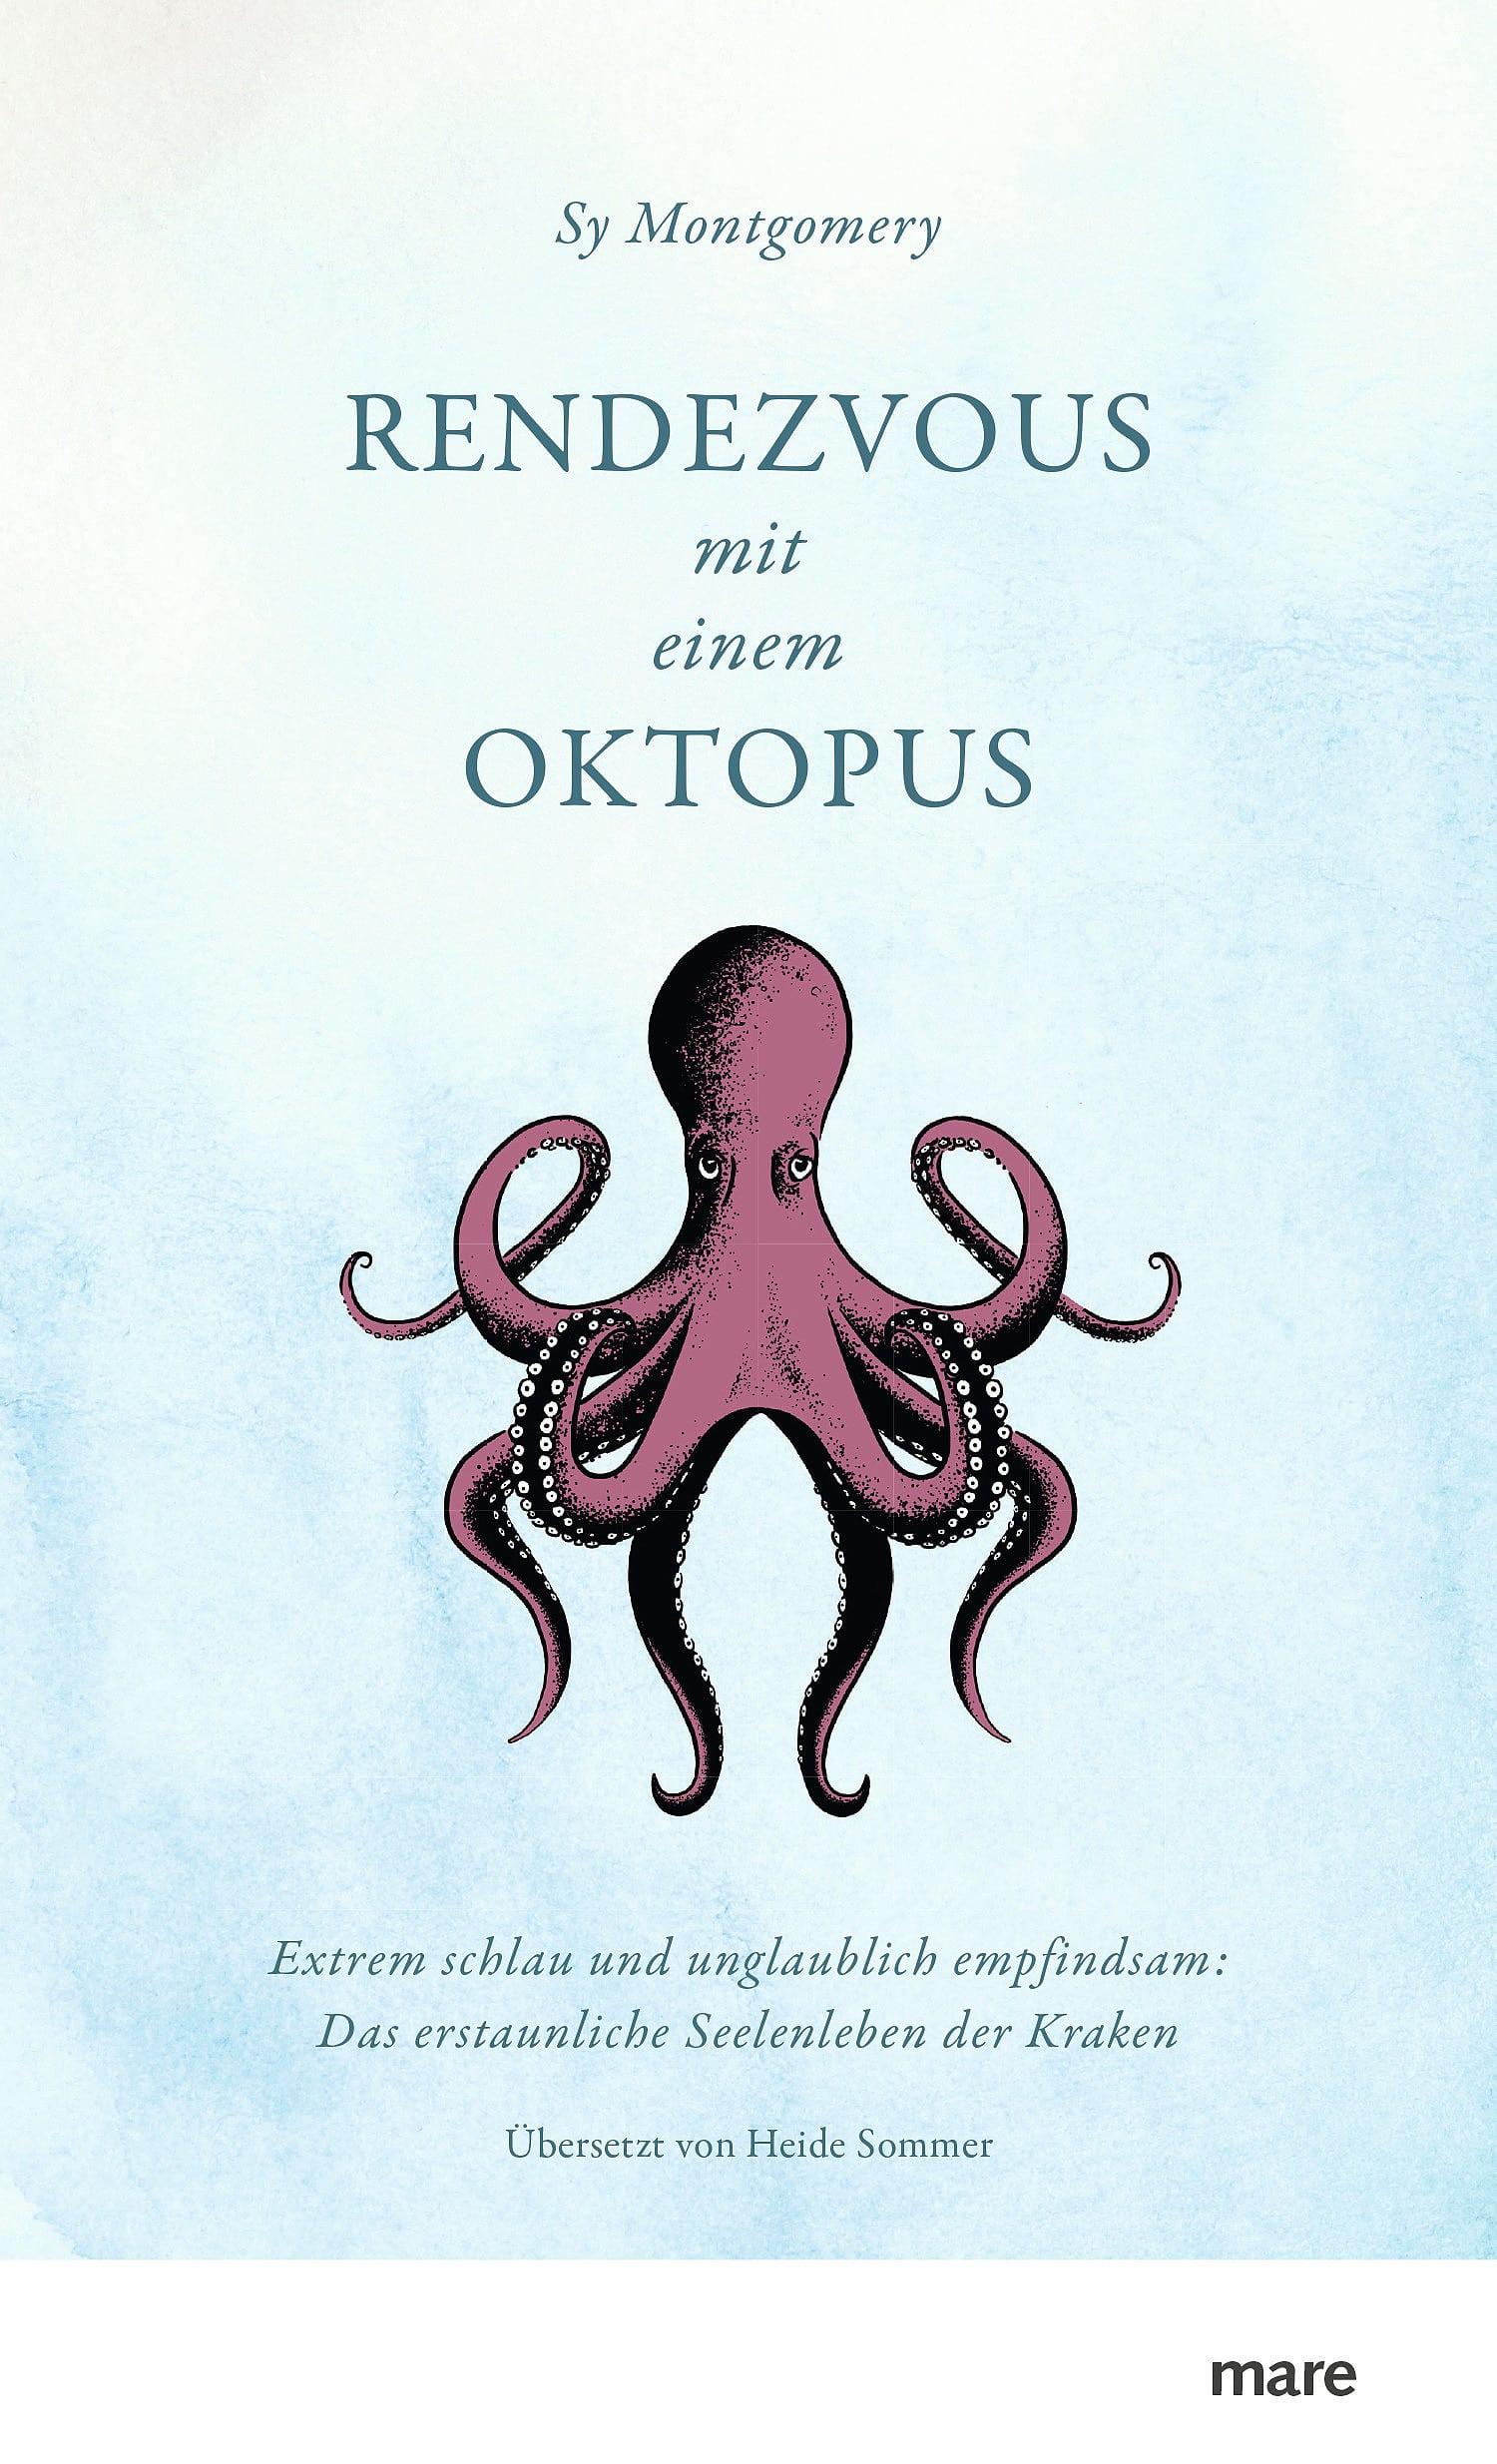 Buchkritik Zu Rendezvous Mit Einem Oktopus Spektrum Der Wissenschaft